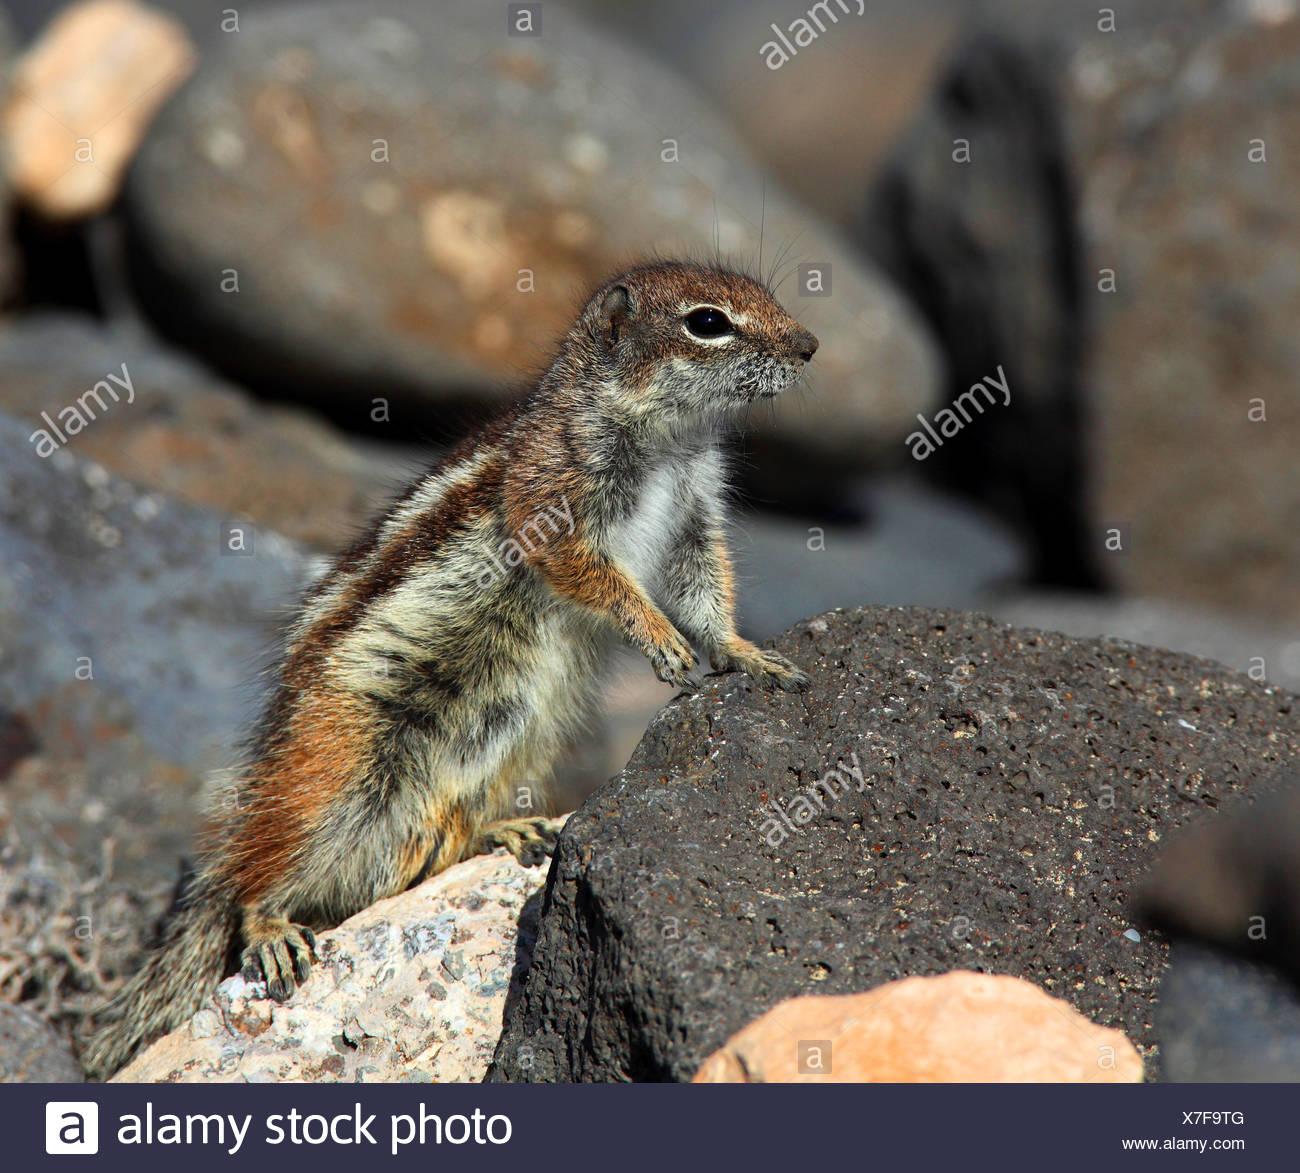 Suslik barbary, del norte de África suslik (Atlantoxerus getulus), escalada sobre piedras, Islas Canarias, Fuerteventura. Imagen De Stock